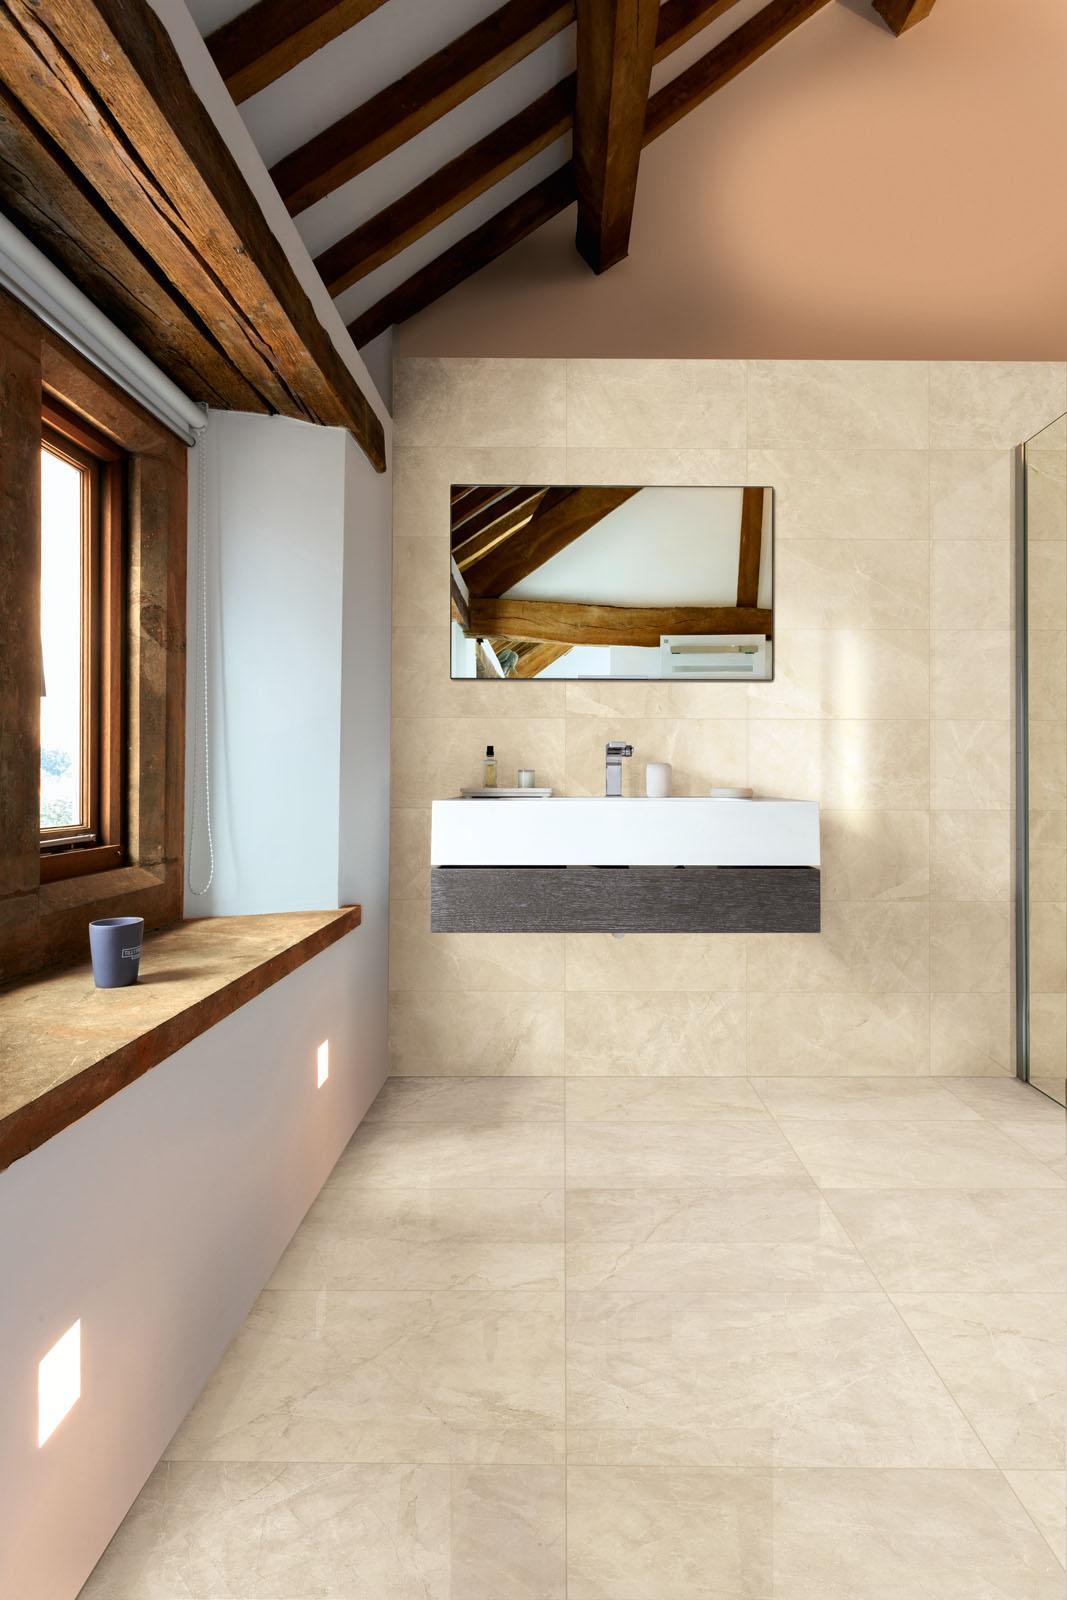 Preview gres effetto marmo e pietra marazzi - Bagno effetto marmo ...